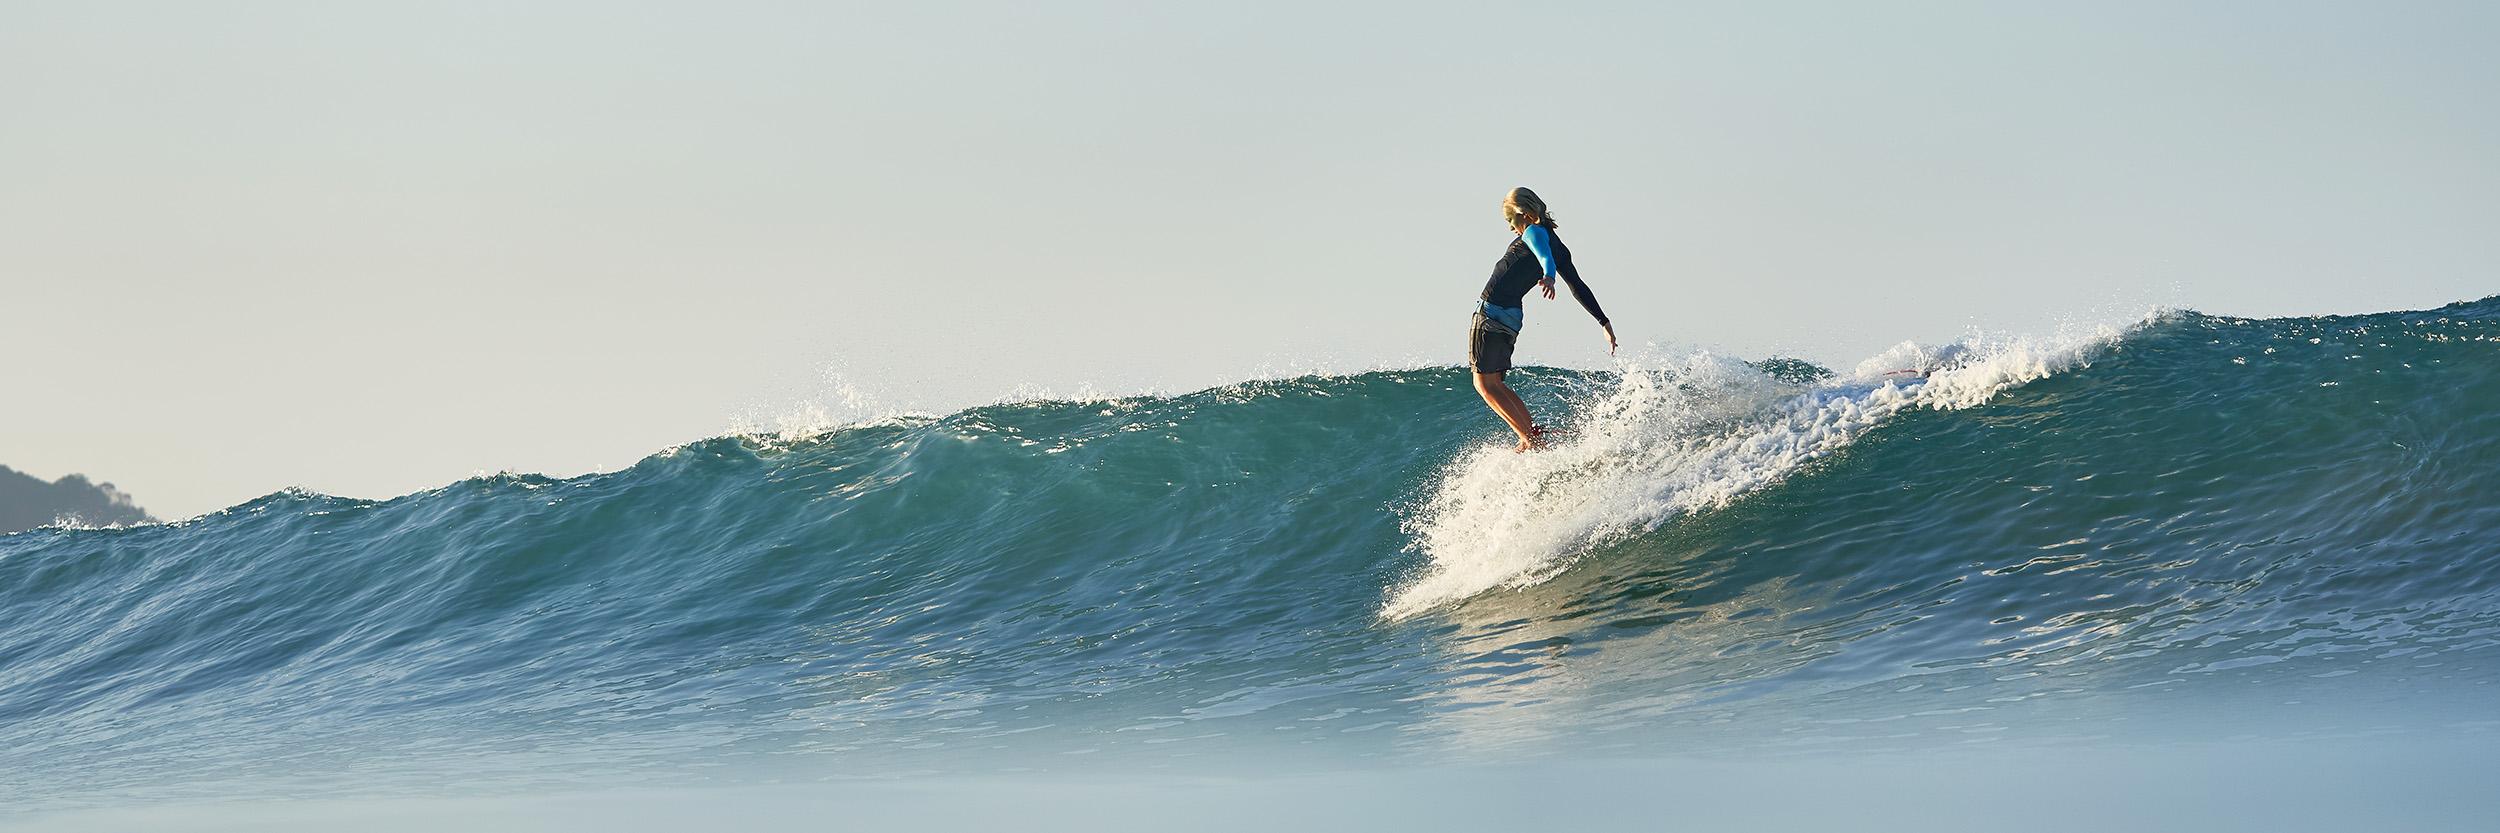 bandeau surf shop 2